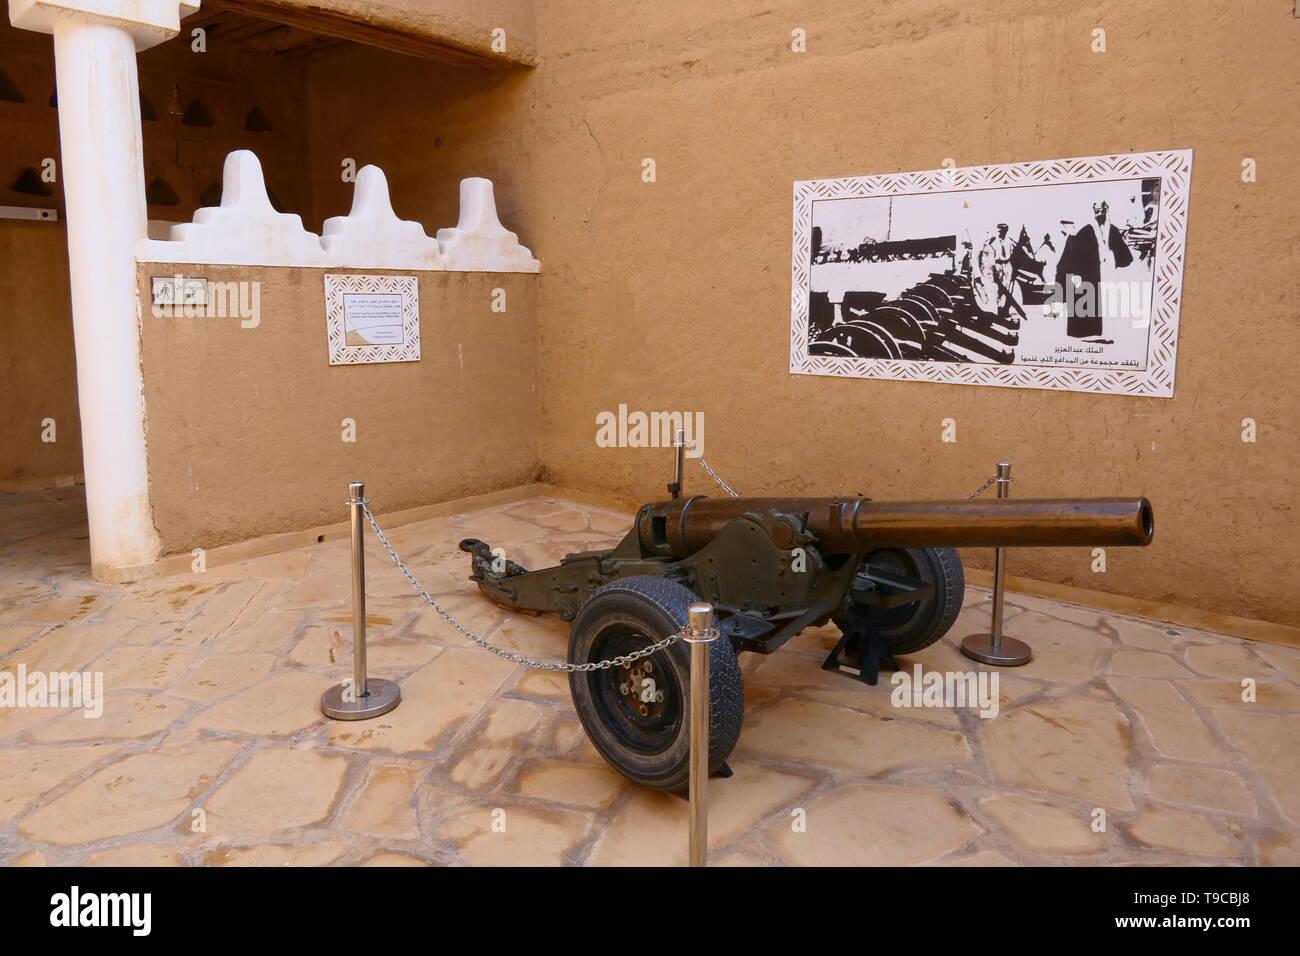 Riad, Arabia Saudita - Diciembre 16, 2018: armas históricas dentro de la fortaleza Al Masmak (Riad) Imagen De Stock